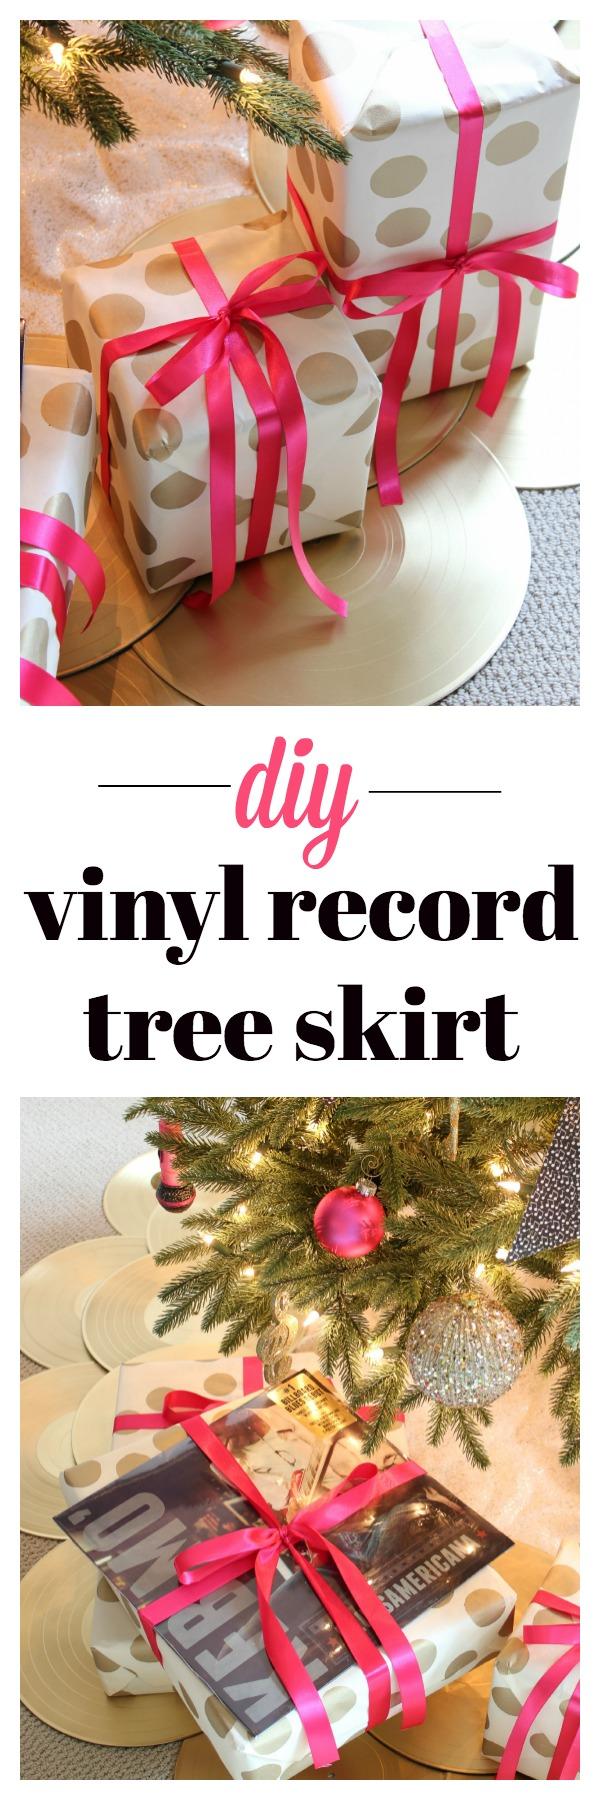 DIY Vinyl Record Tree Skirt